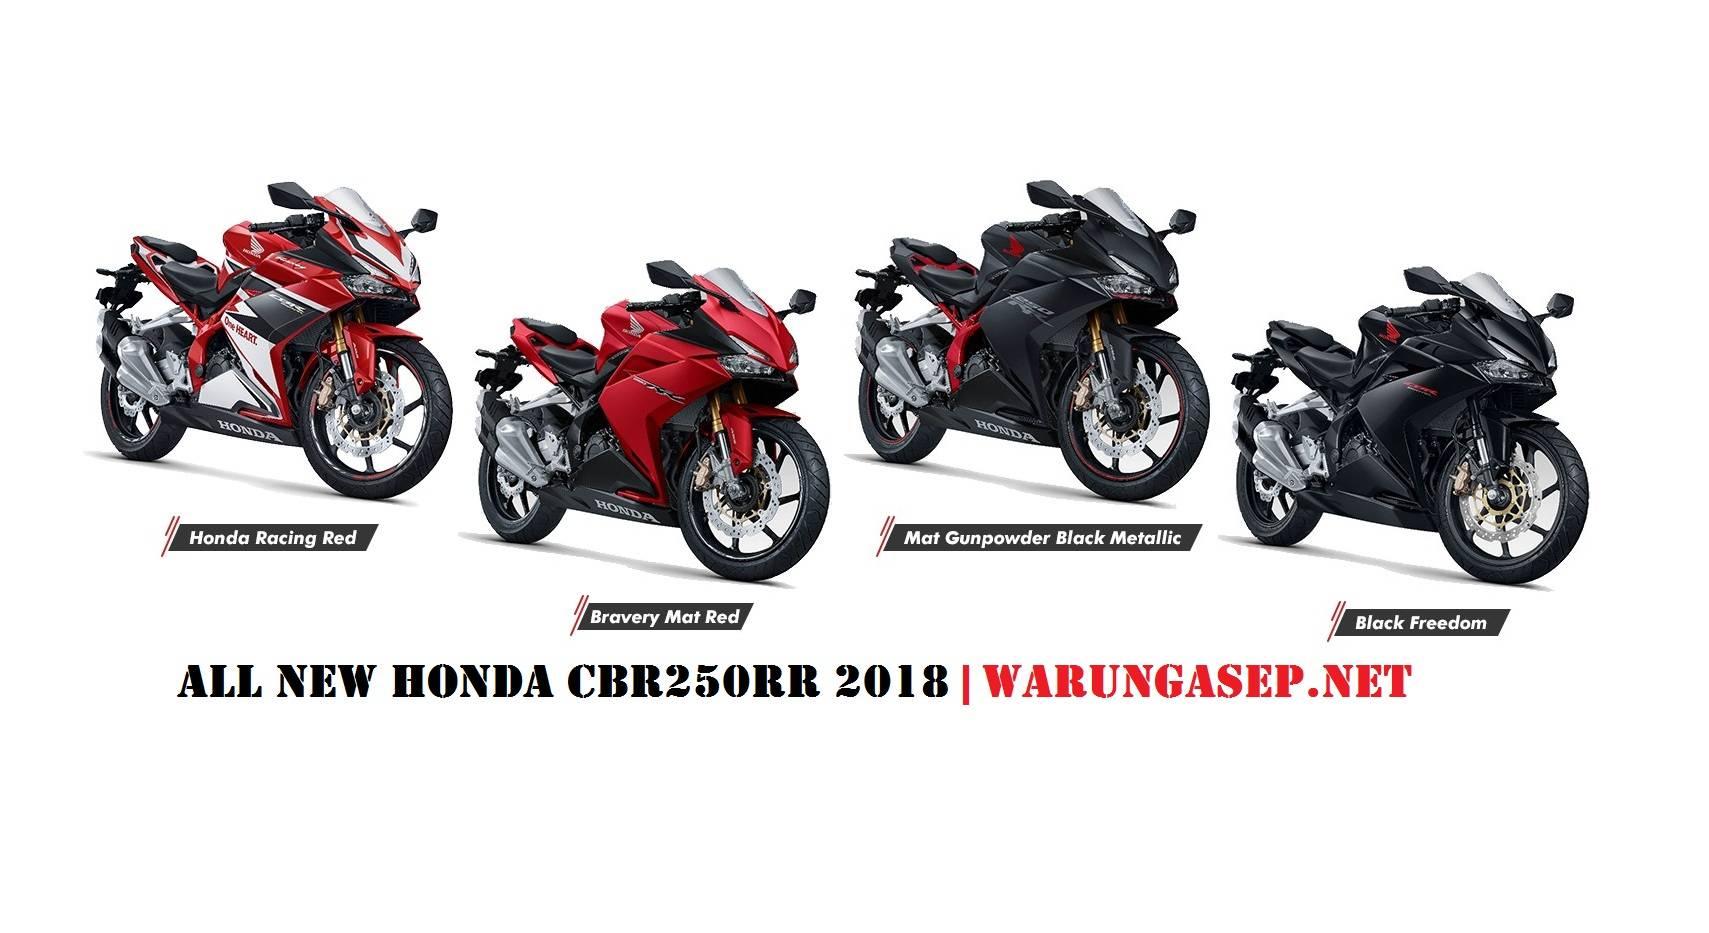 Foto Studio Honda Cbr250rr 2018 Ada 4 Pilihan Warna Dan 5 Varian